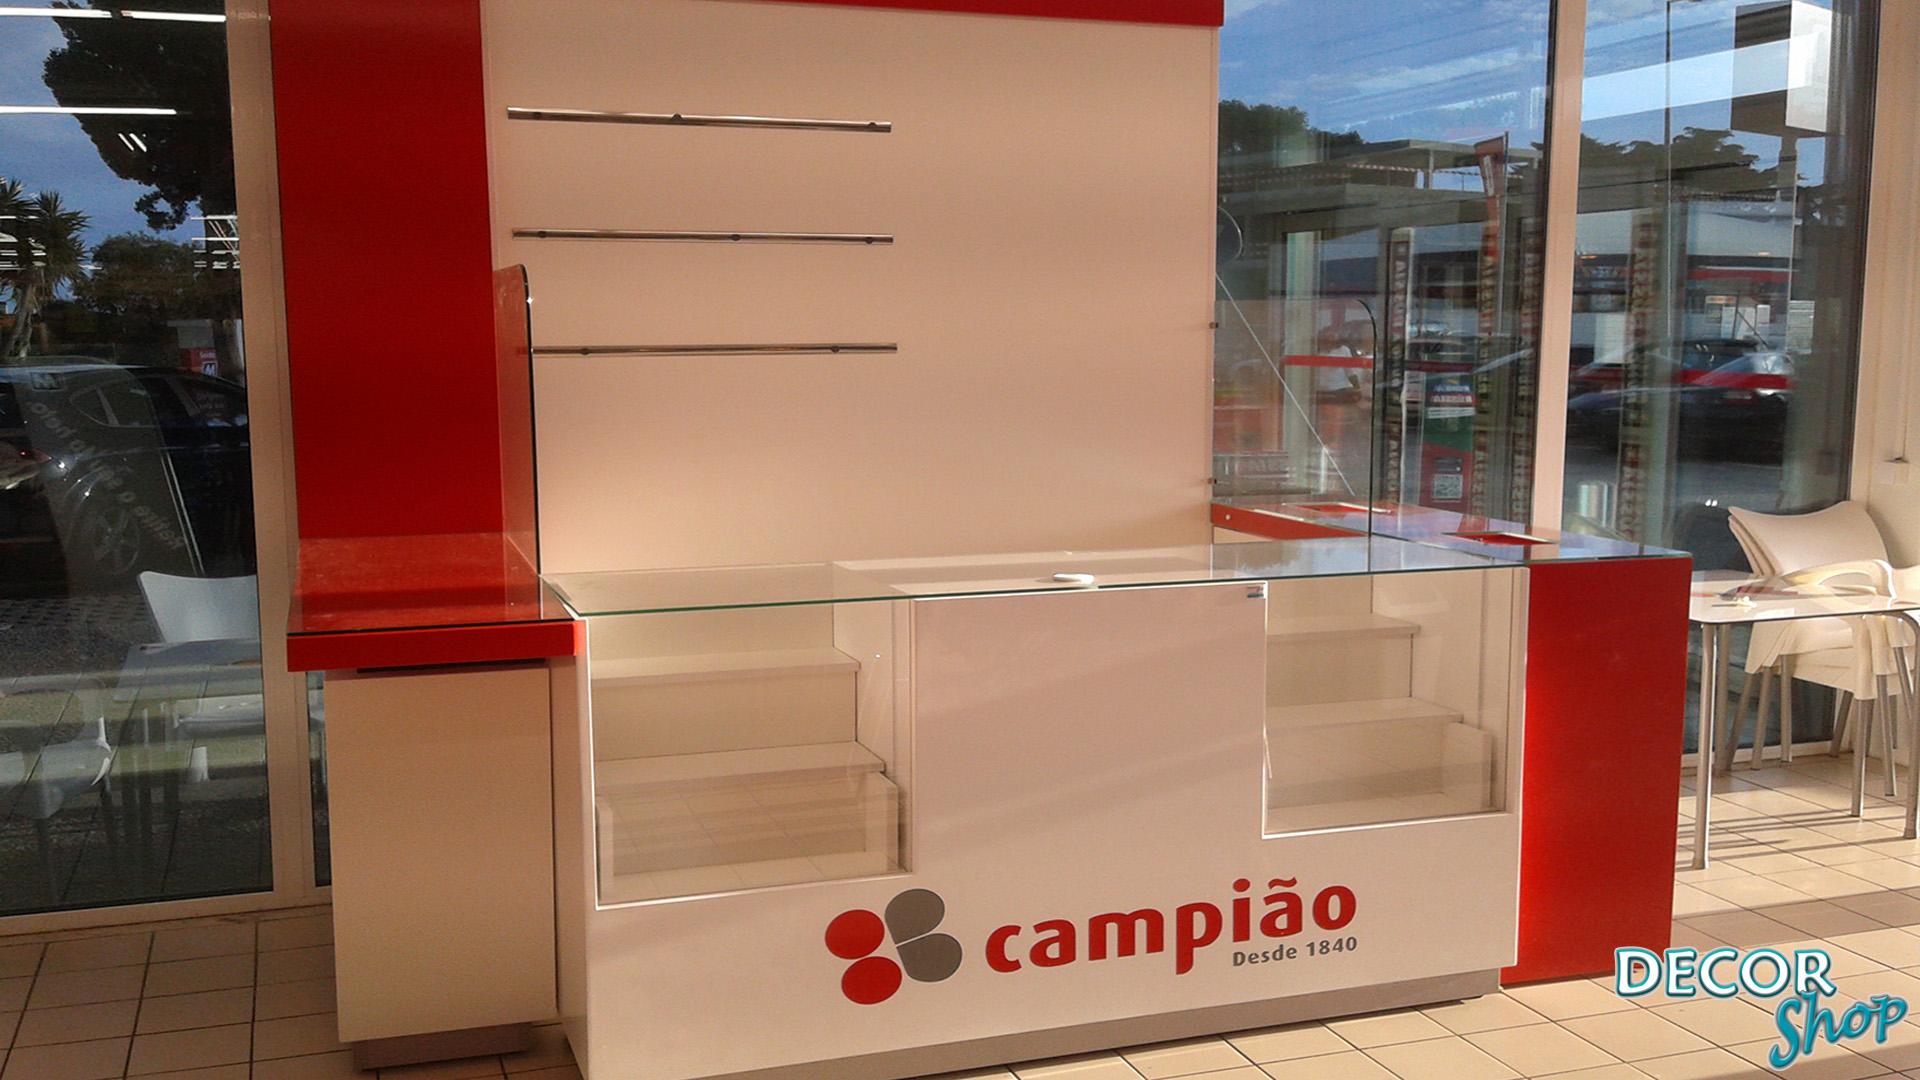 36 - CAMPIÃO - Cascais